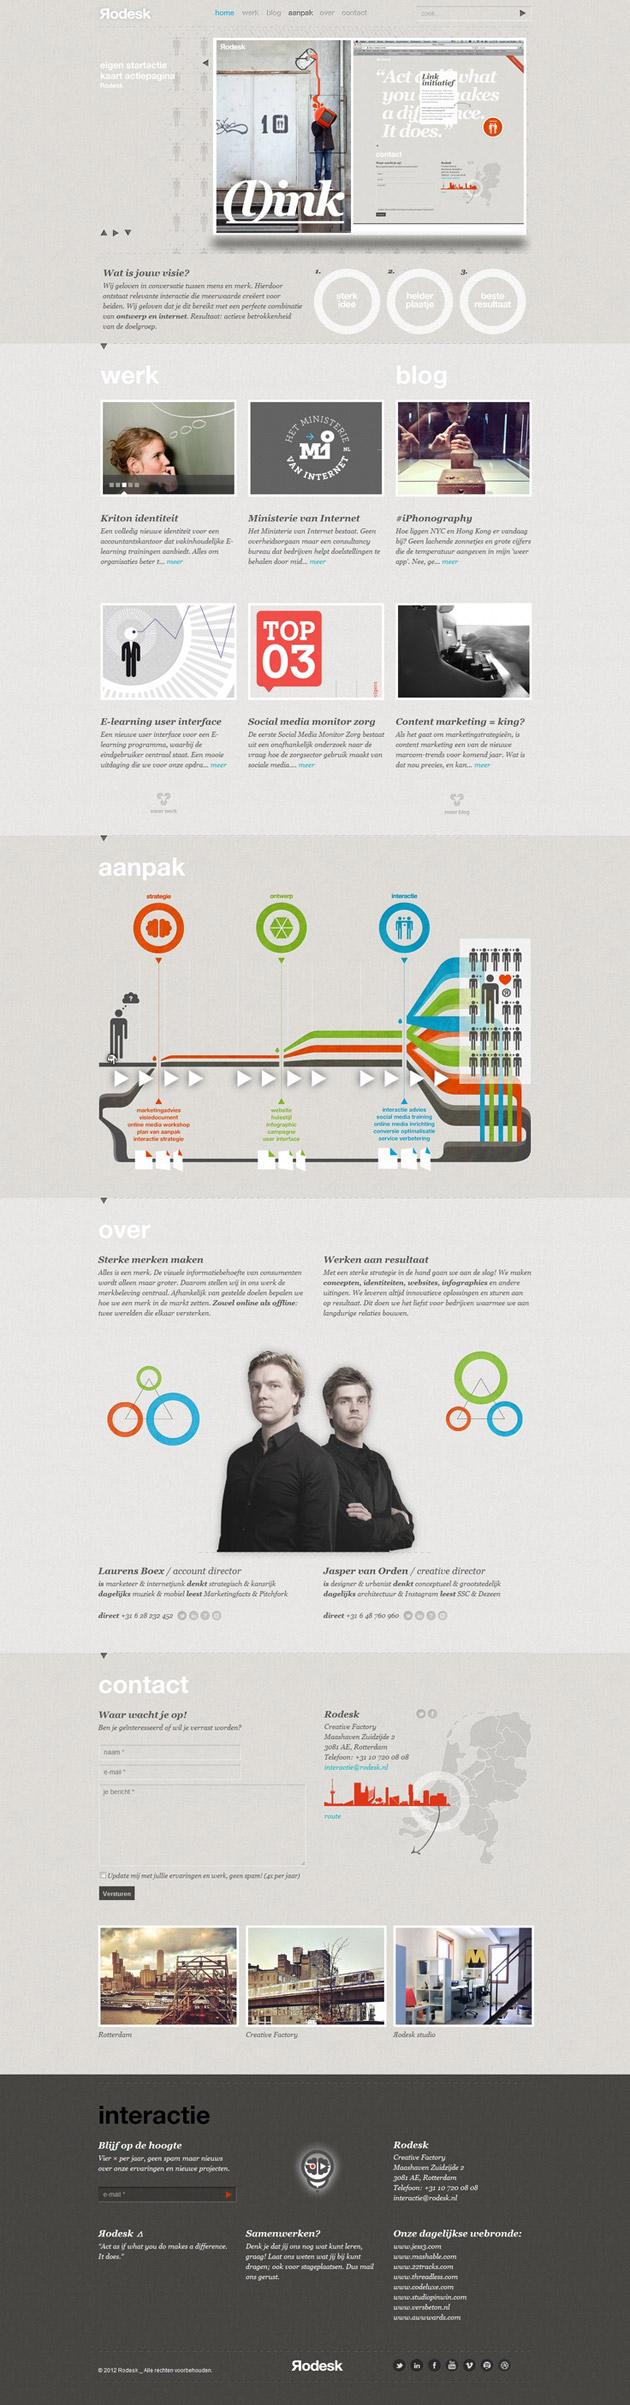 Rodesk- Inspiración web design